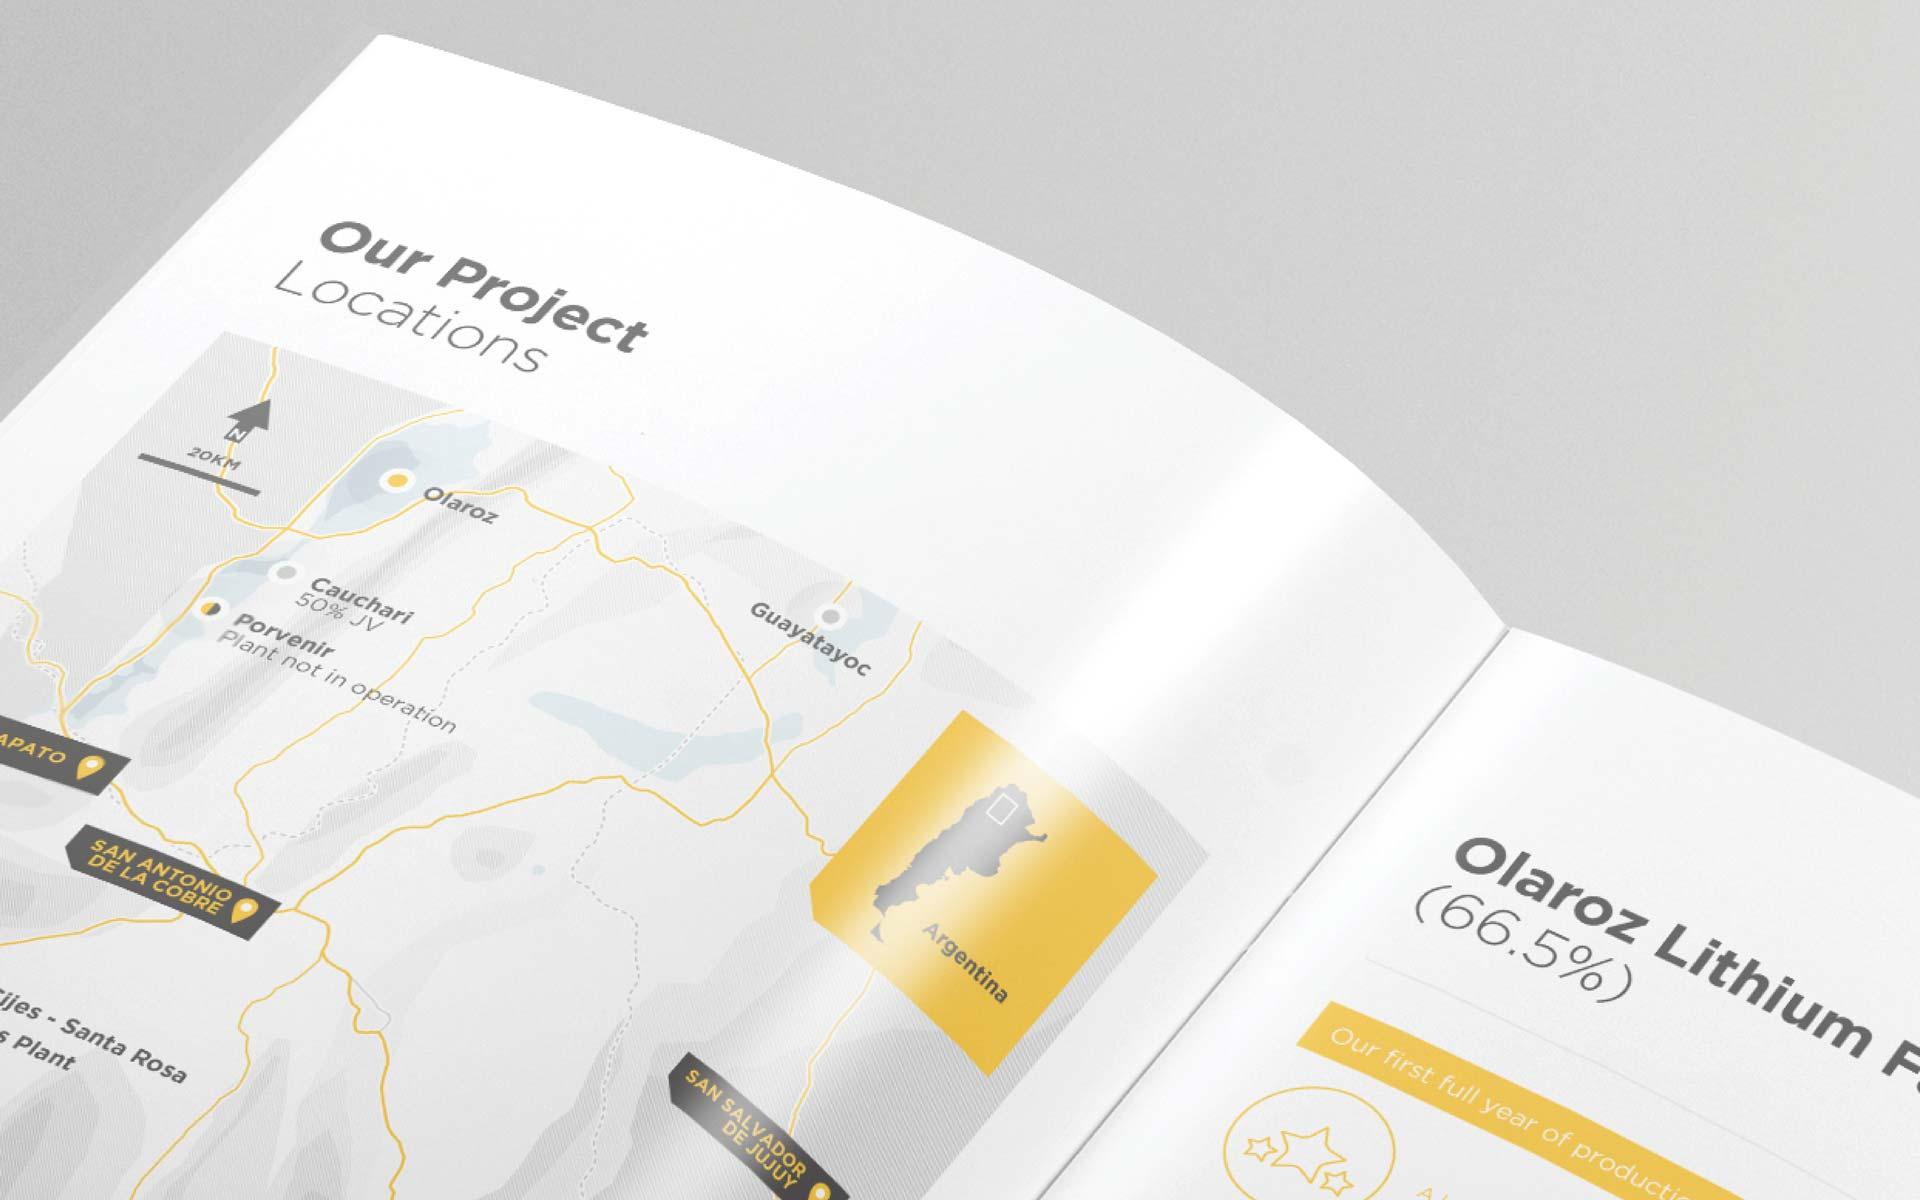 Orocobre Corporate Design Annual Report